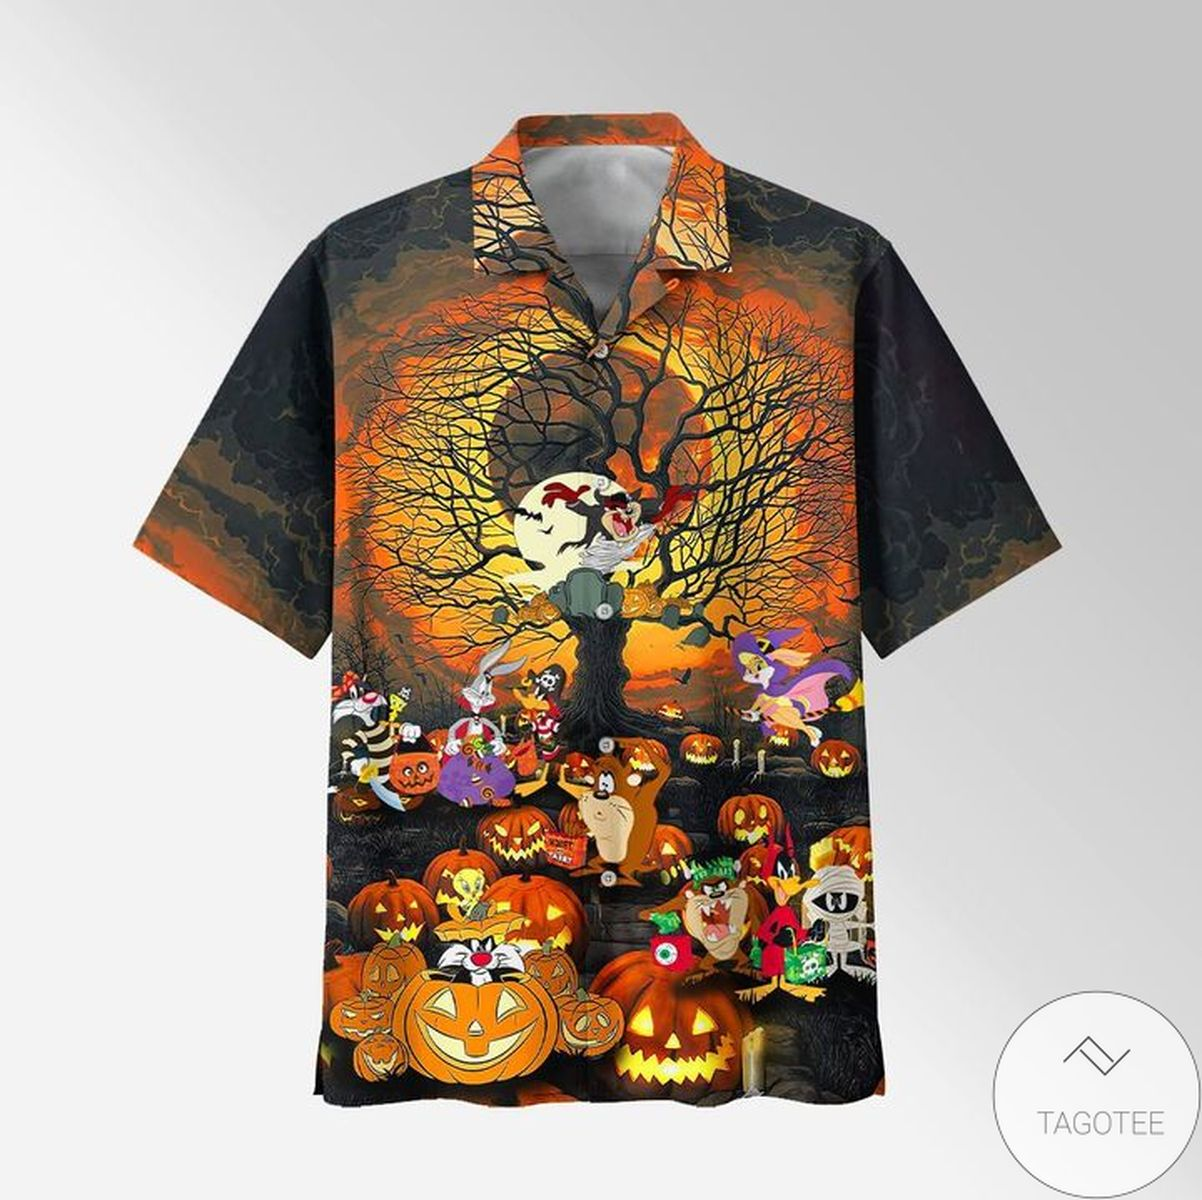 Looney Tunes, Bugs Bunny, Daffy Duck, Tweety, Sylvester, Yosemite Sam Pumpkin Halloween Cartoon Hawaiian Shirt